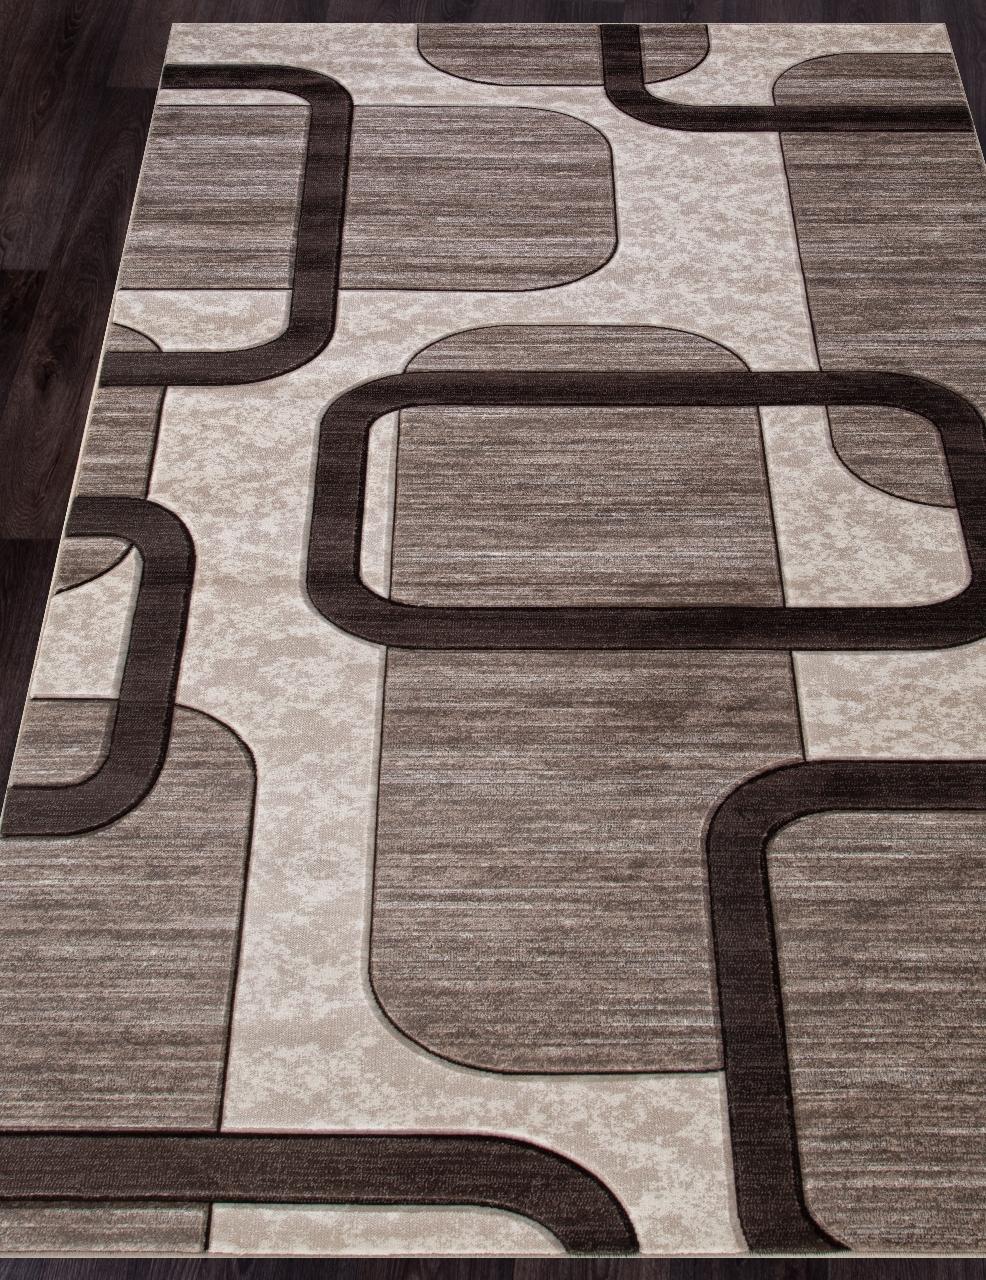 Ковер D465 - BEIGE - Прямоугольник - коллекция MEGA CARVING - фото 1